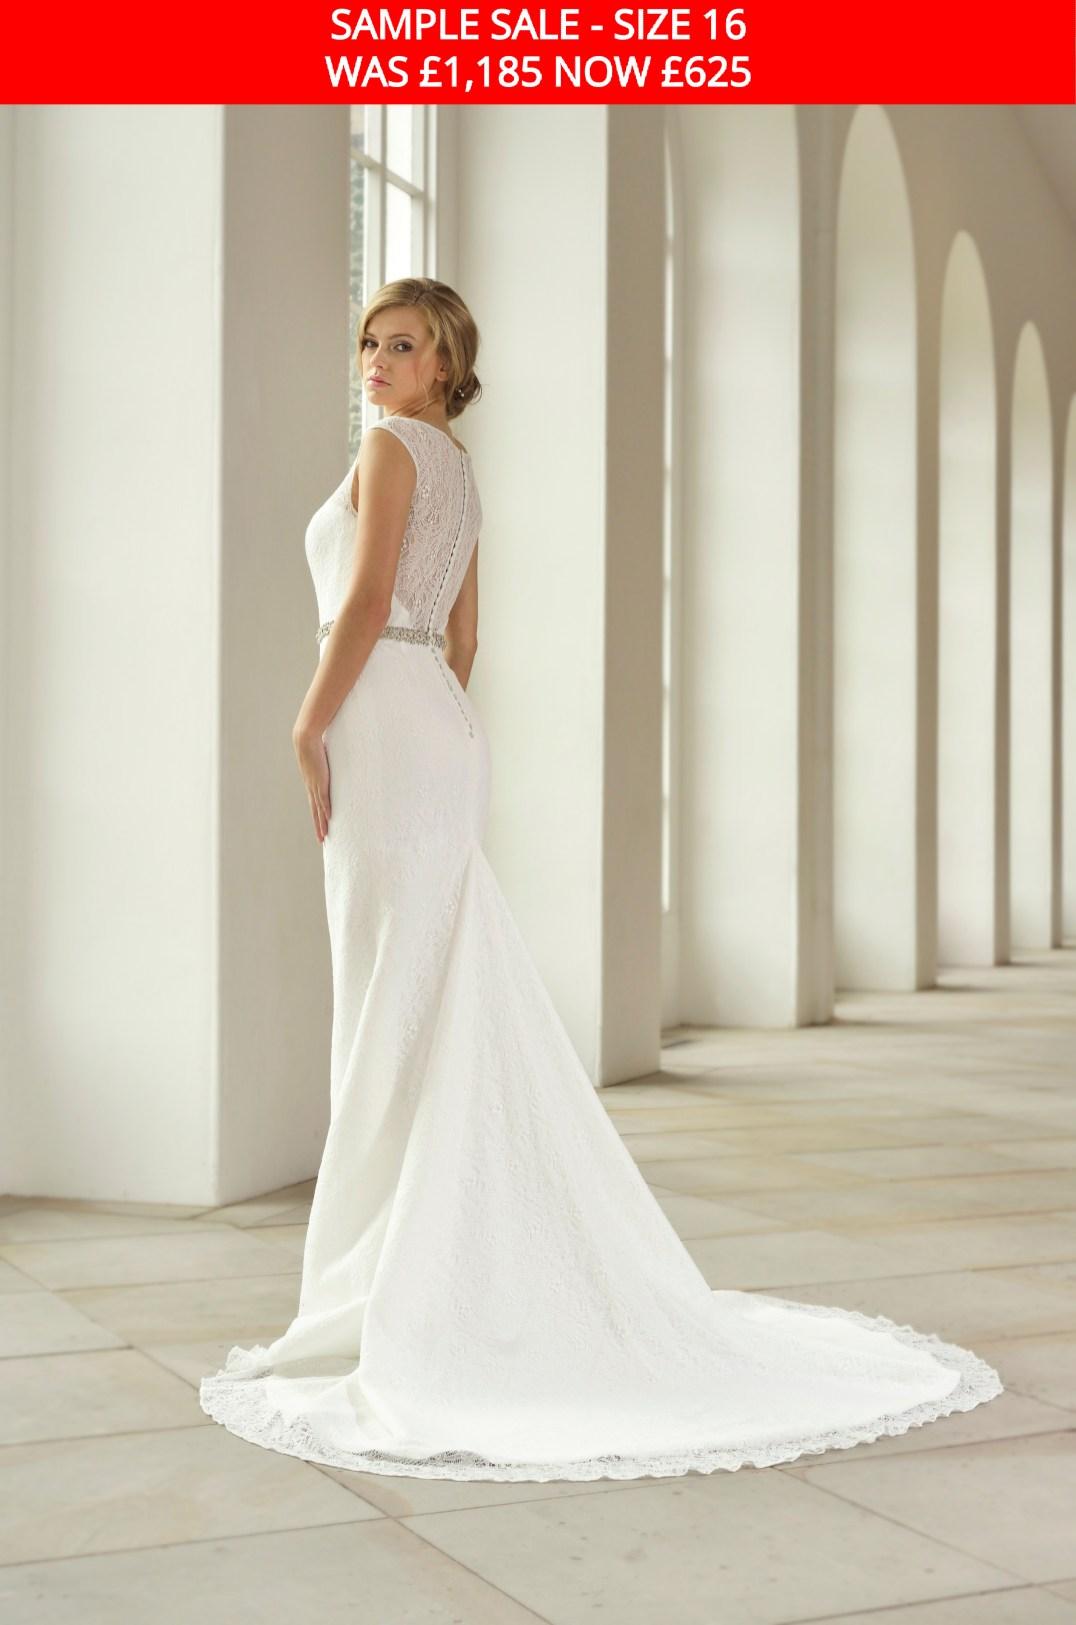 GAIA 1712 bridal gown sample sale